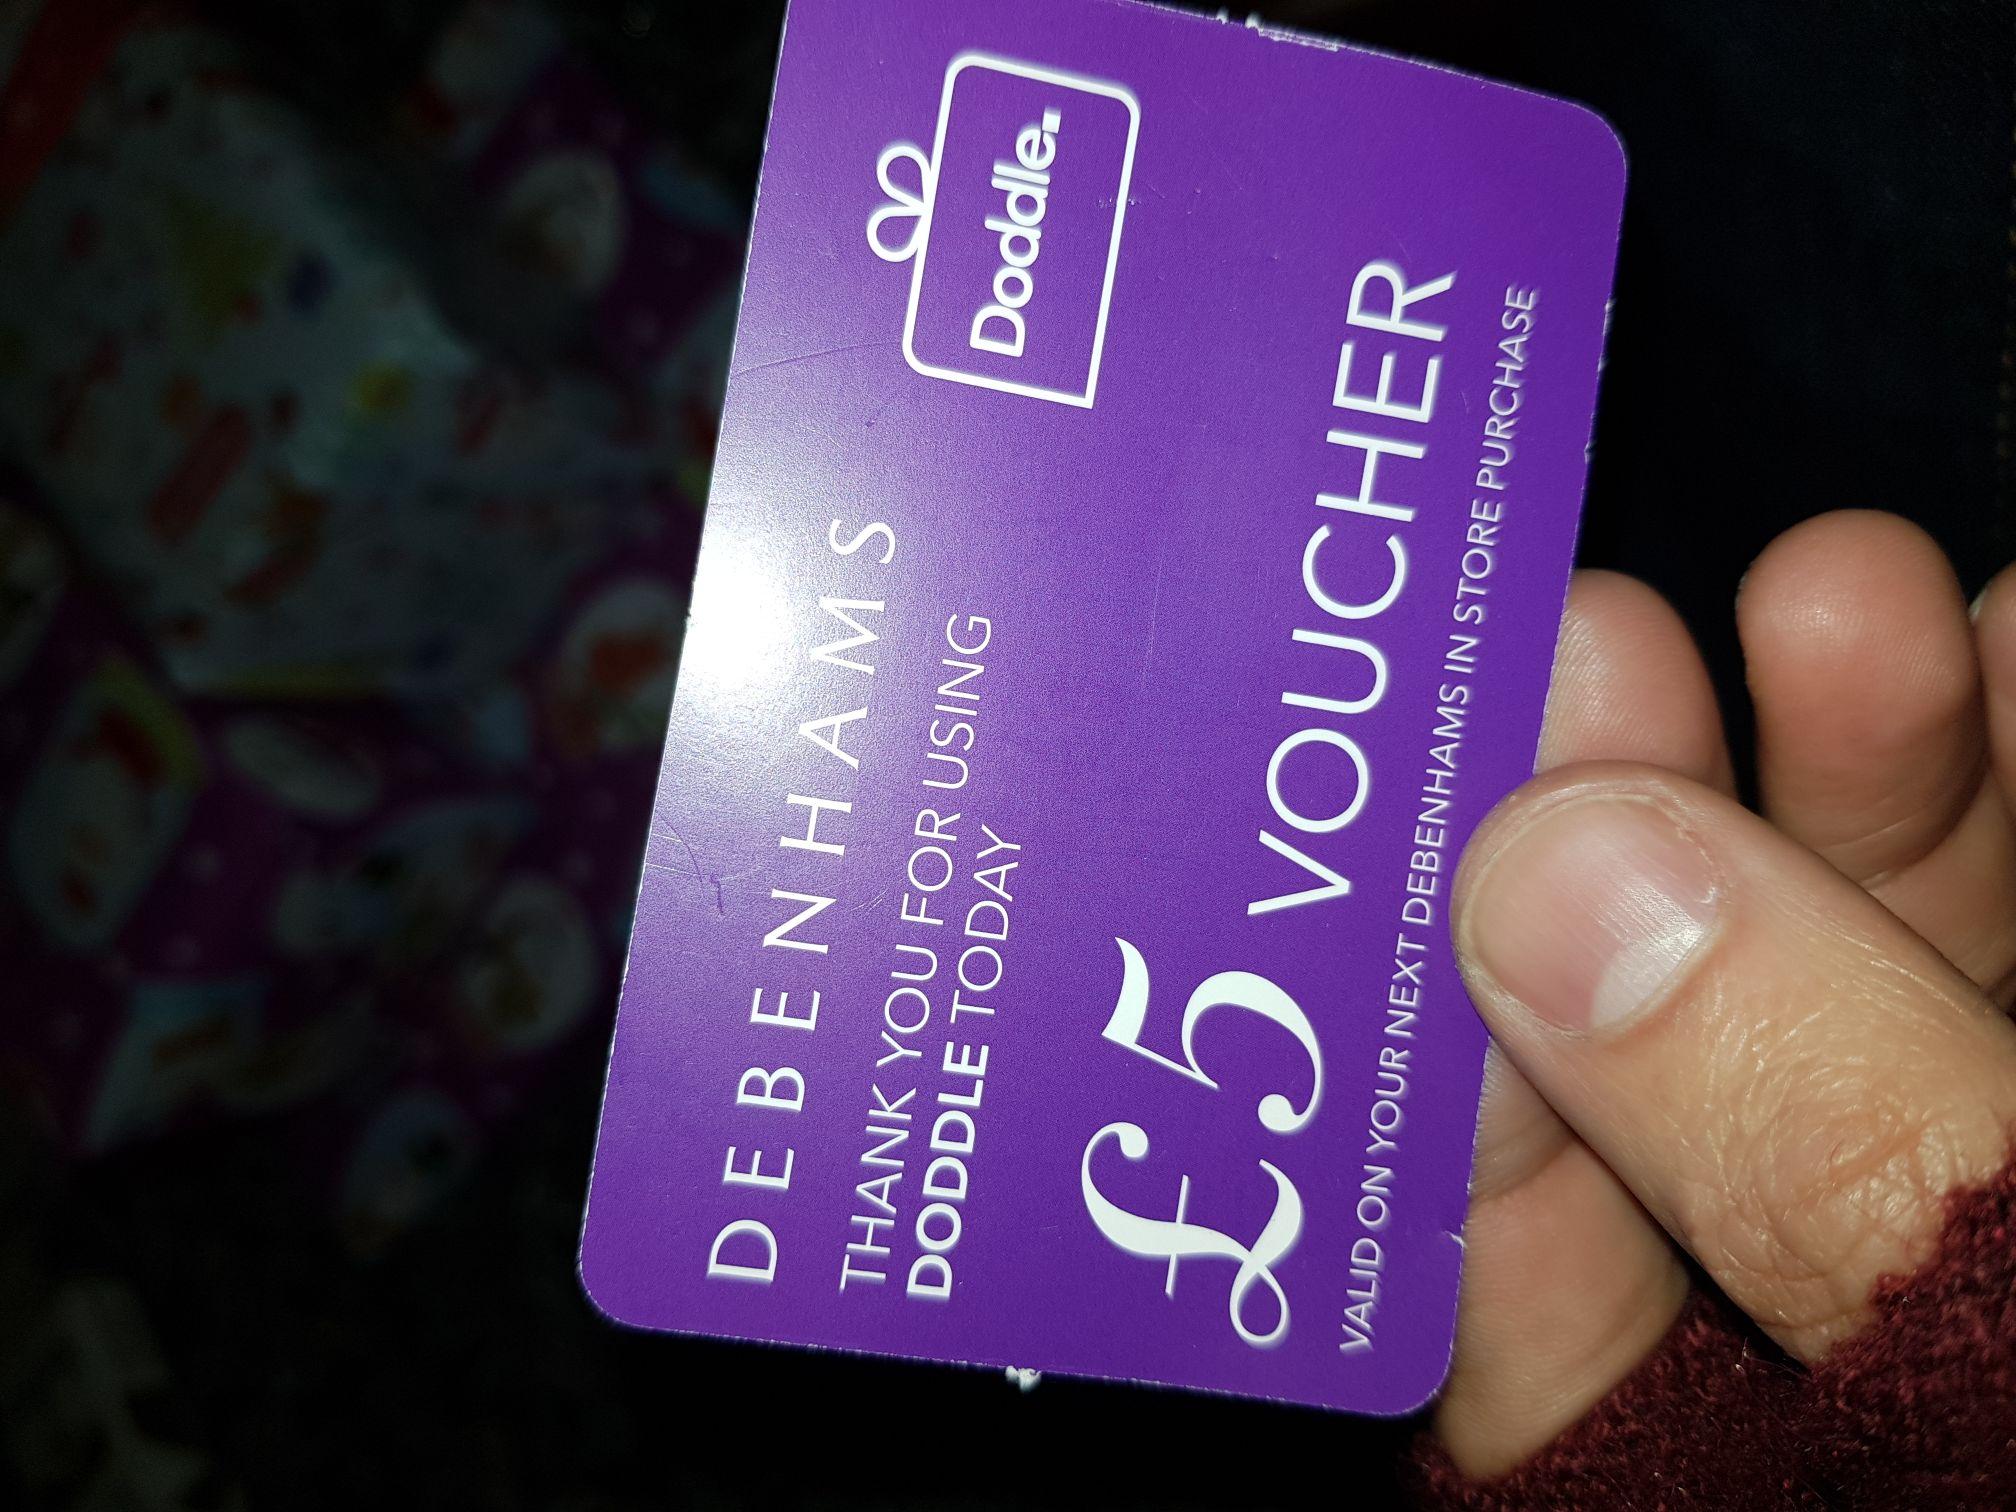 Free £5 voucher when you pick up Doddle parcels Debenhams Clapham Junction